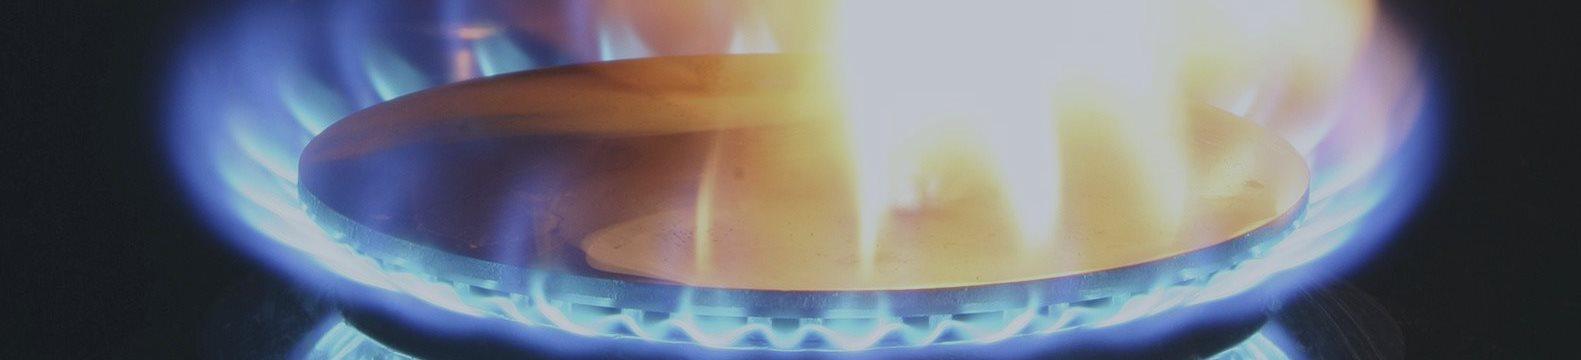 Gás Natural, Análise Fundamental para 19 de Janeiro de 2015